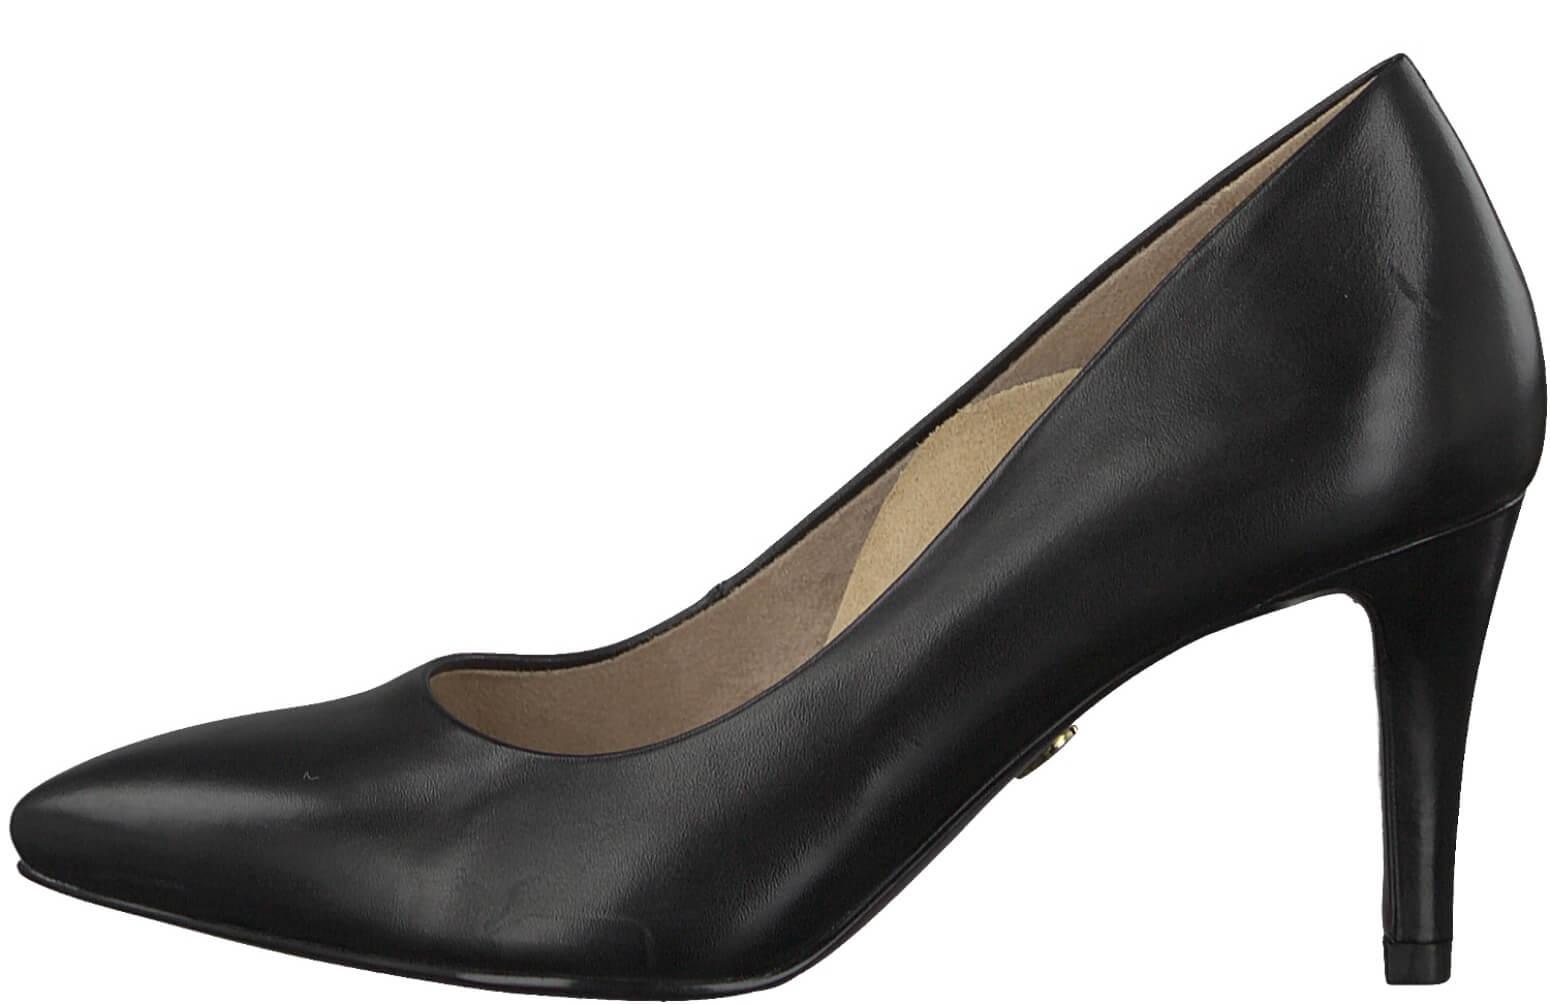 Tamaris Elegáns bíróság cipő 1-1-22411-29-001 Fekete Akcióban. Előző   Következő   b9059e9ce2